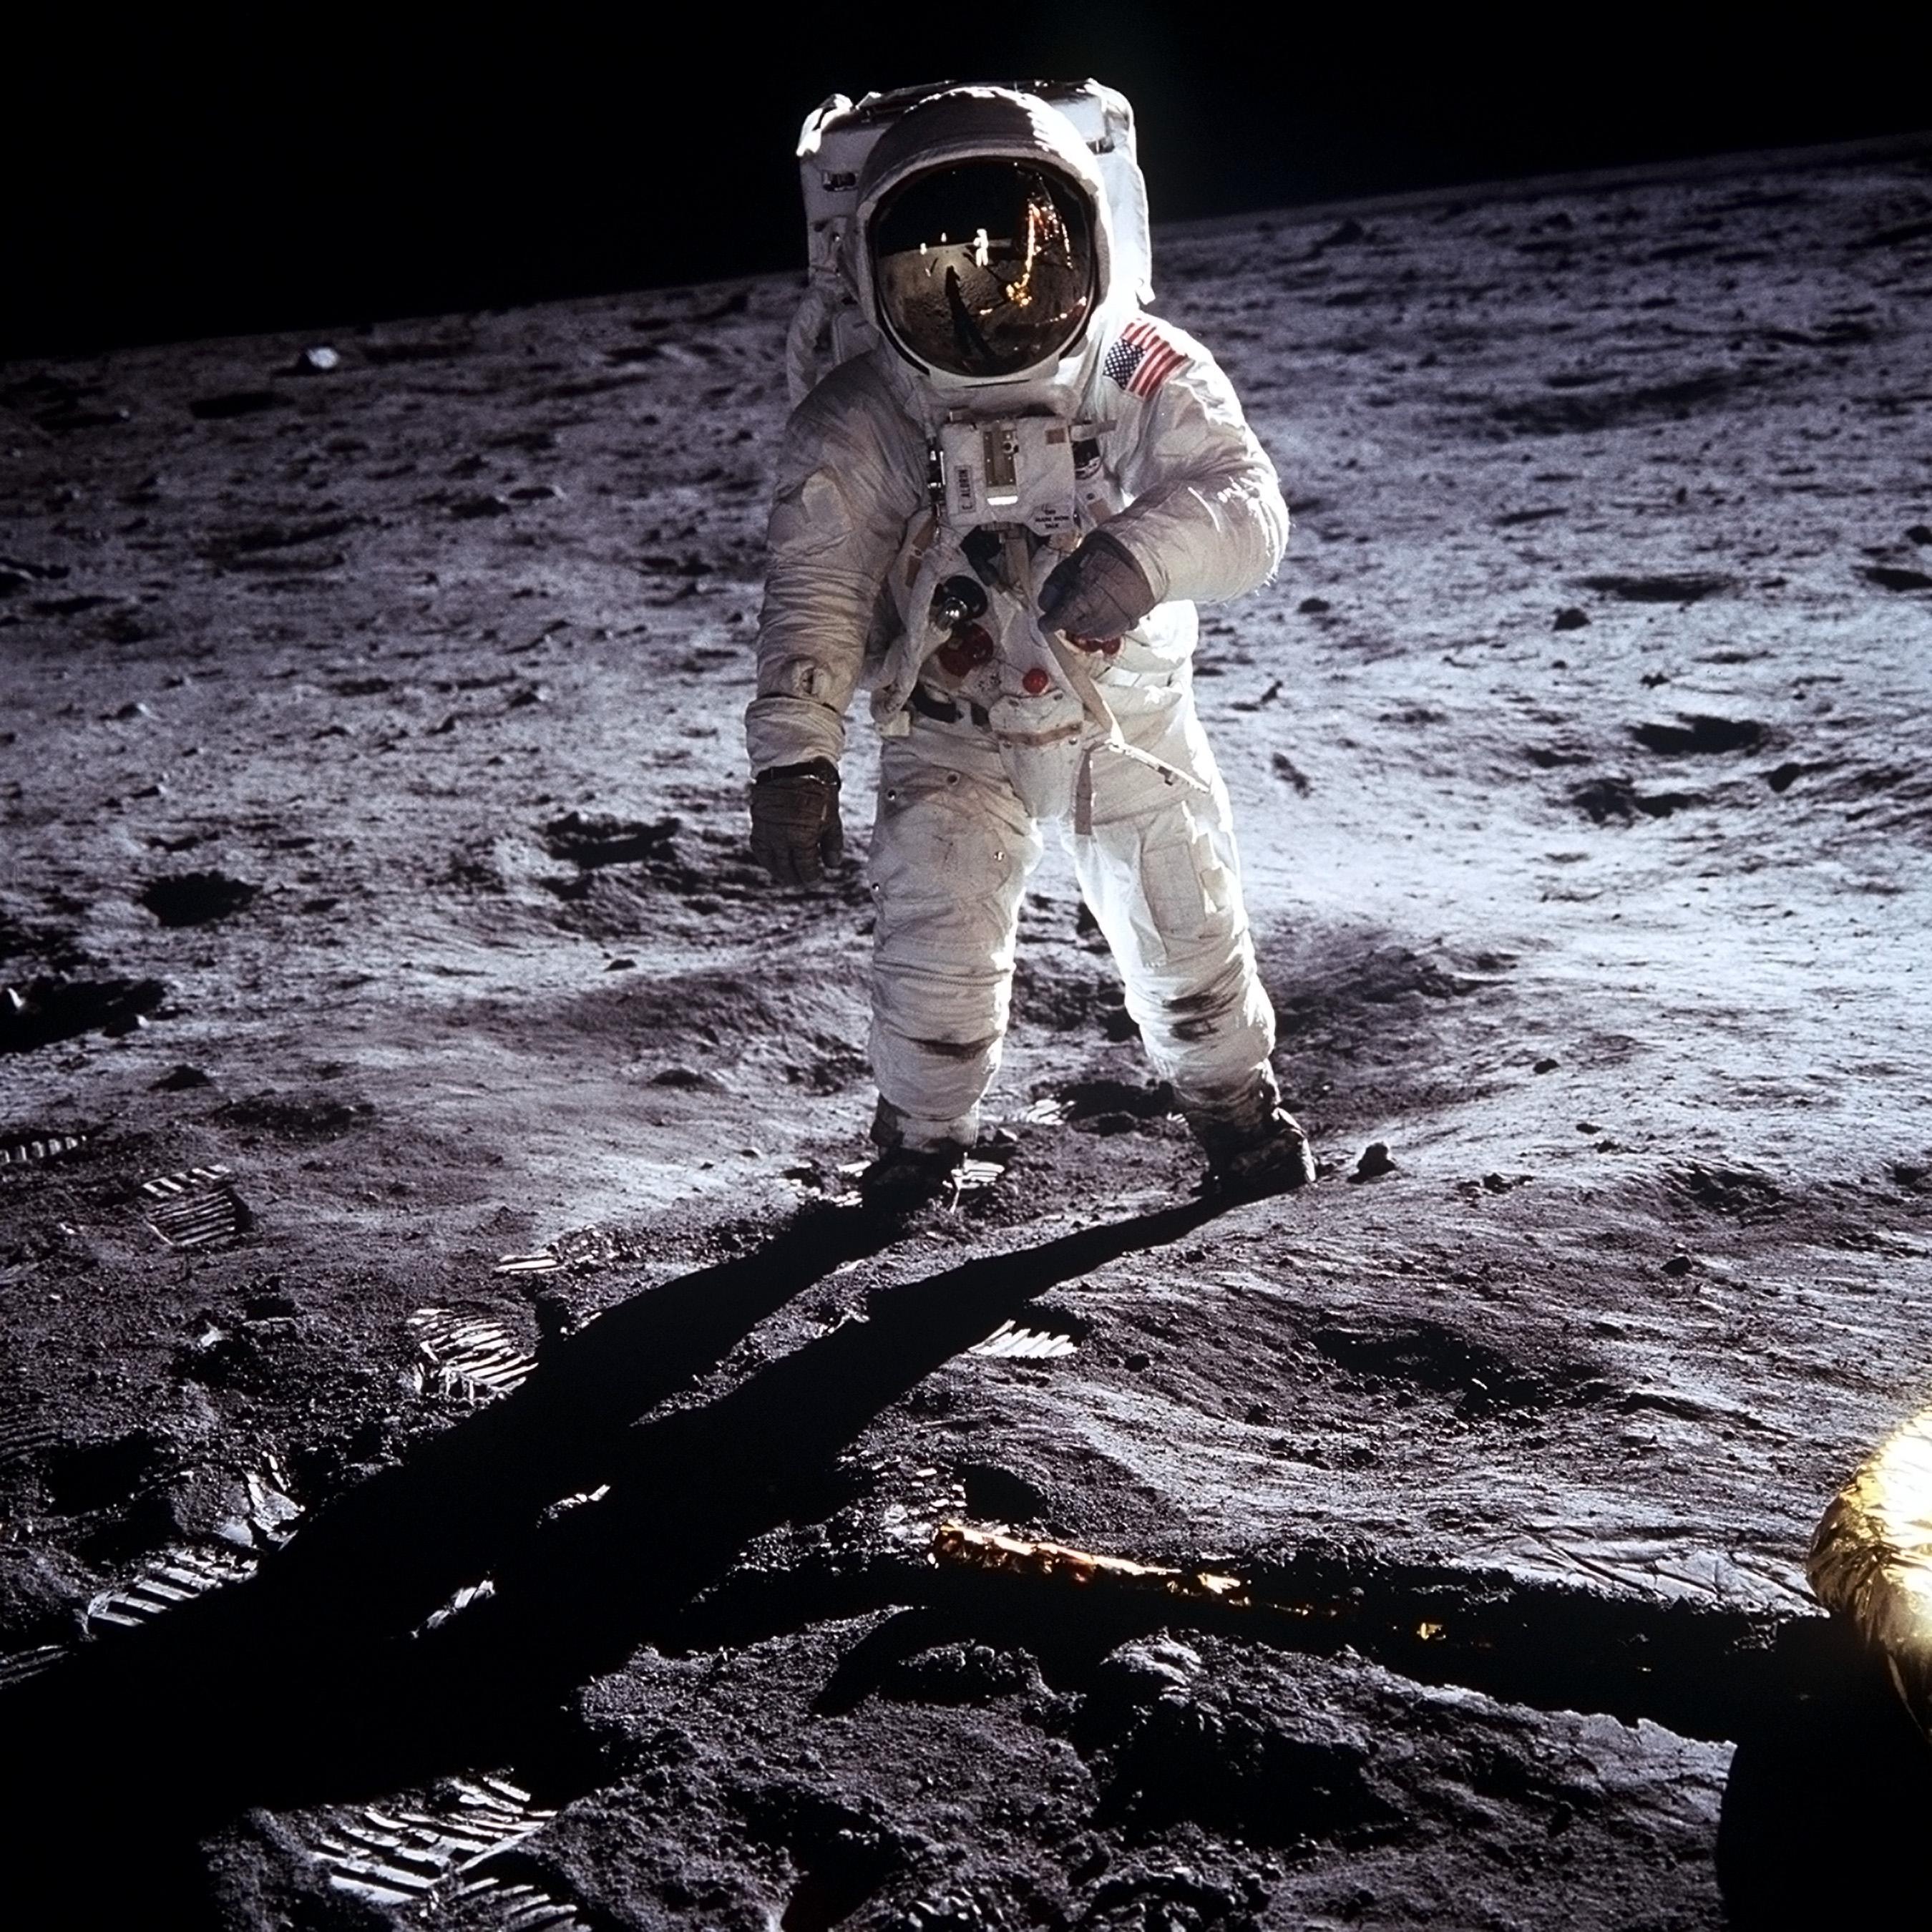 lądowanie, księżyc, astronauta, astronomia, kosmos, astronautyka